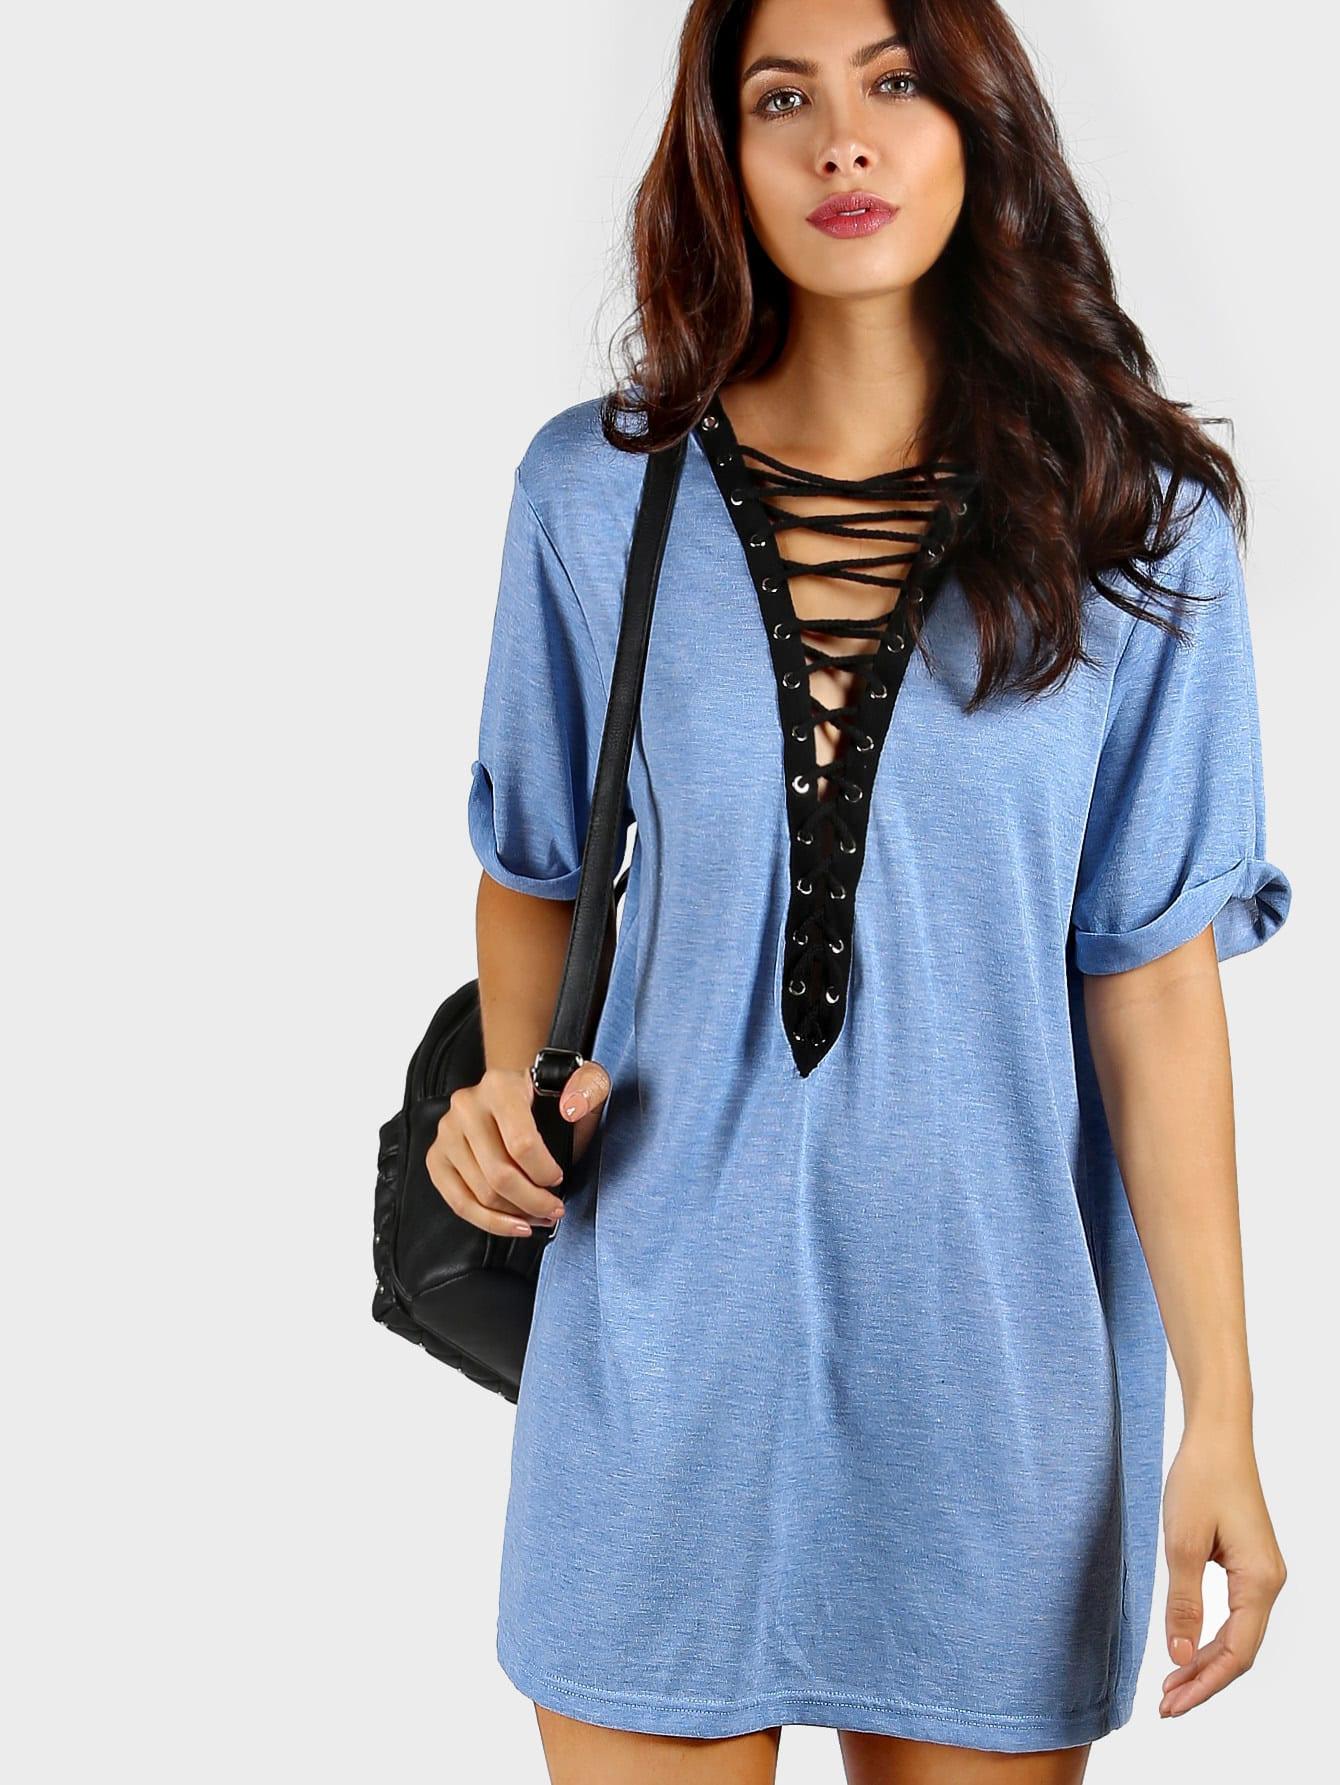 Купить Модное платье со шнуровкой, Sophia G, SheIn